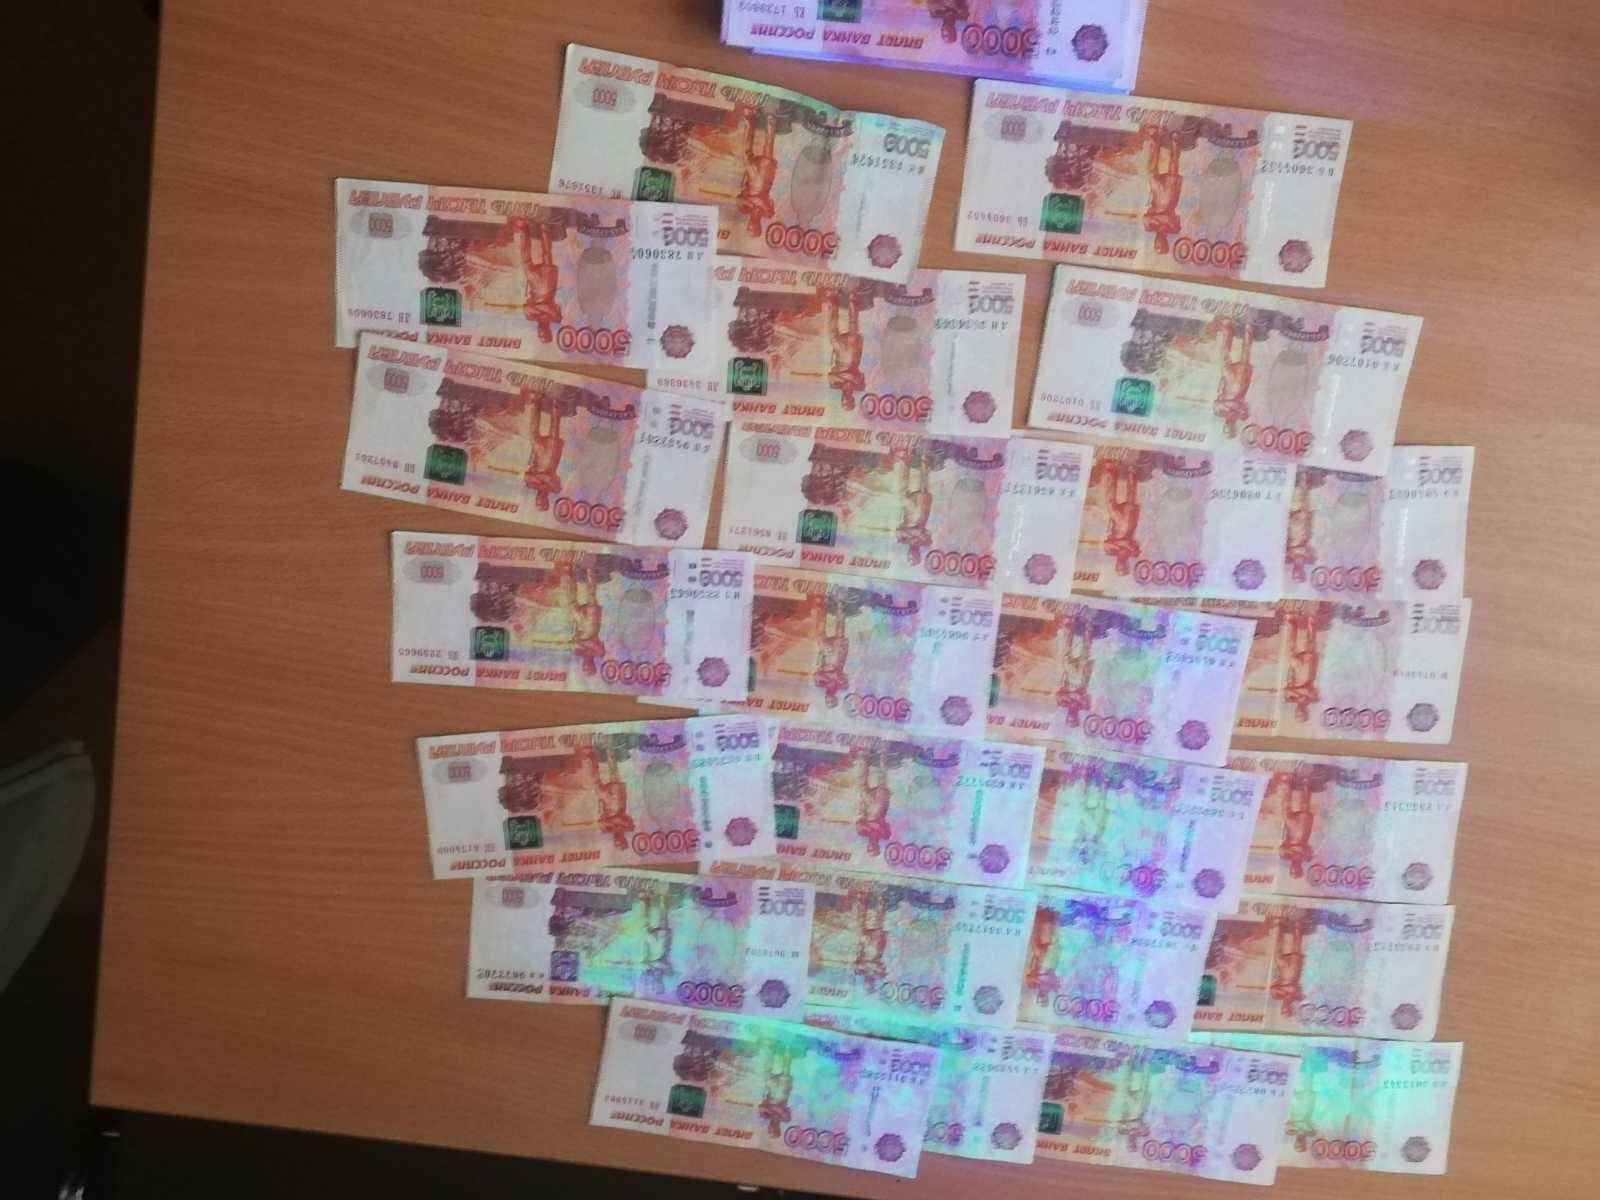 Брянские следователи сообщили подробности дела Сабадашева: требовал 5 млн